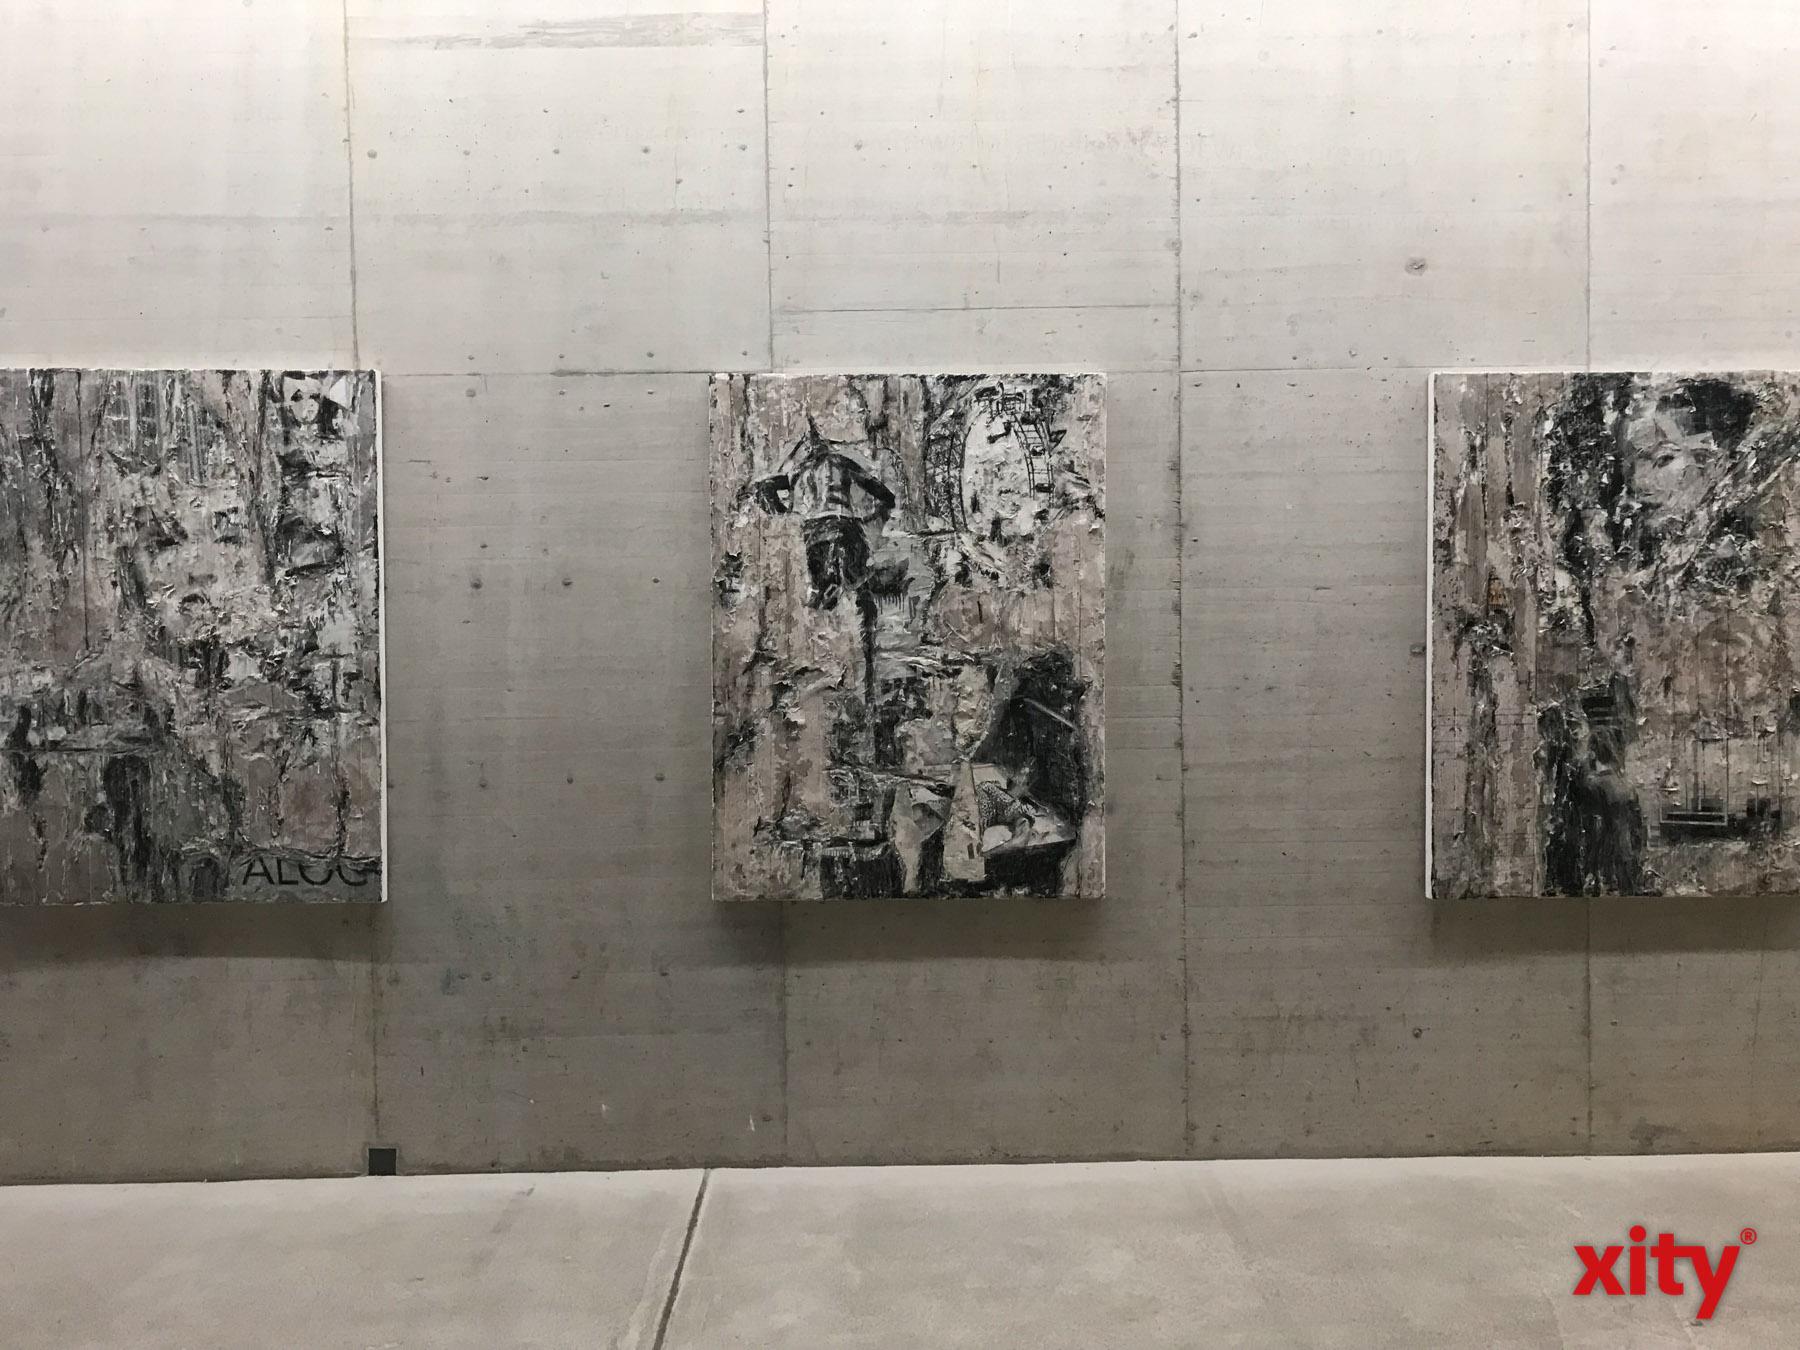 In Schroeders Werken wird der Ursprung und der Verfall von Beton aufgegriffen (Foto: xity)